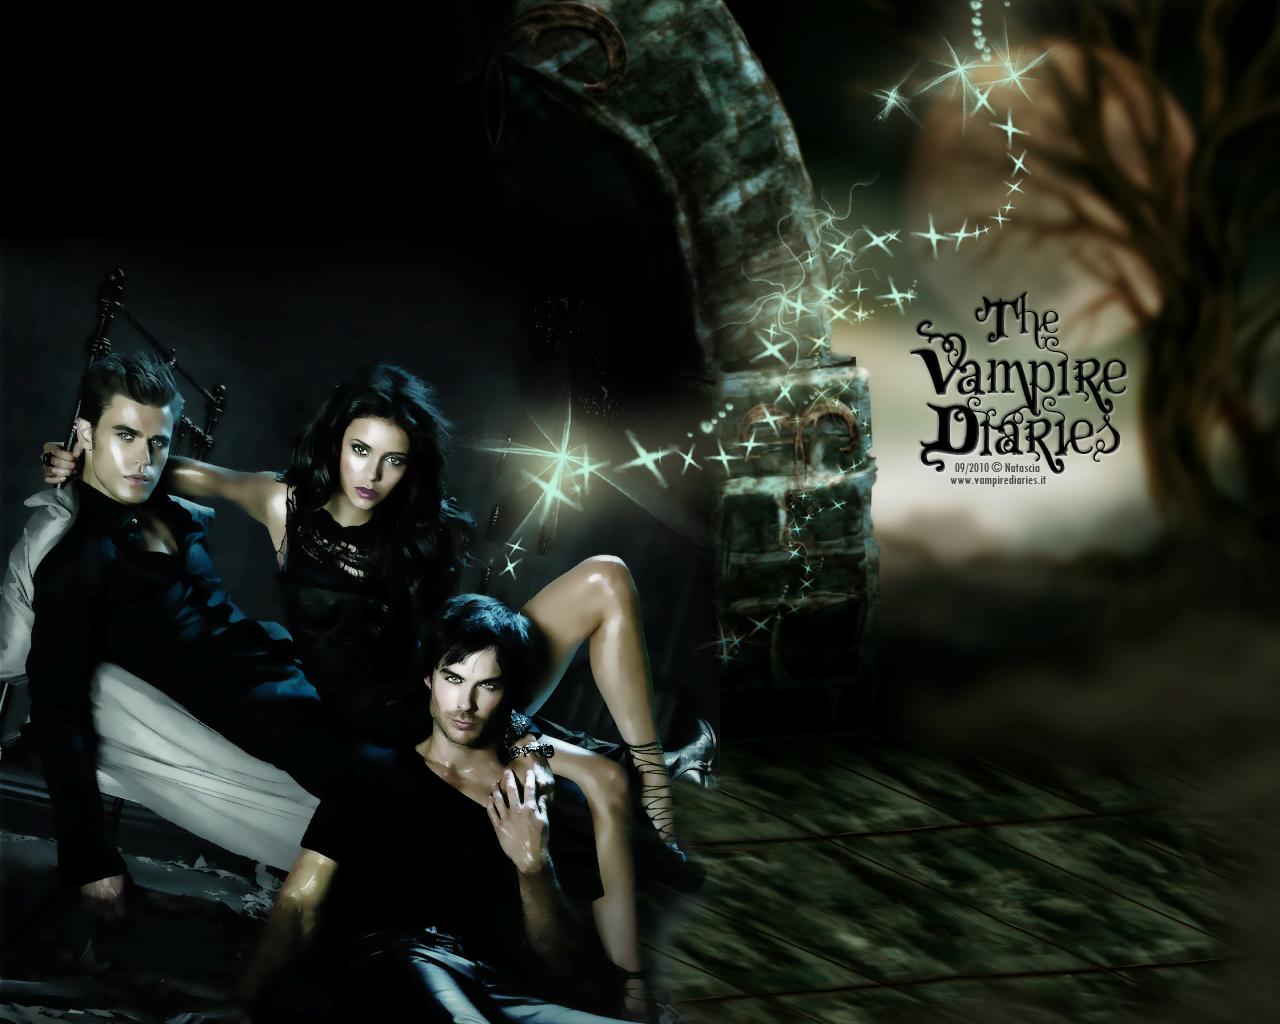 ♥ THE VAMPIRE DIARIES ♥